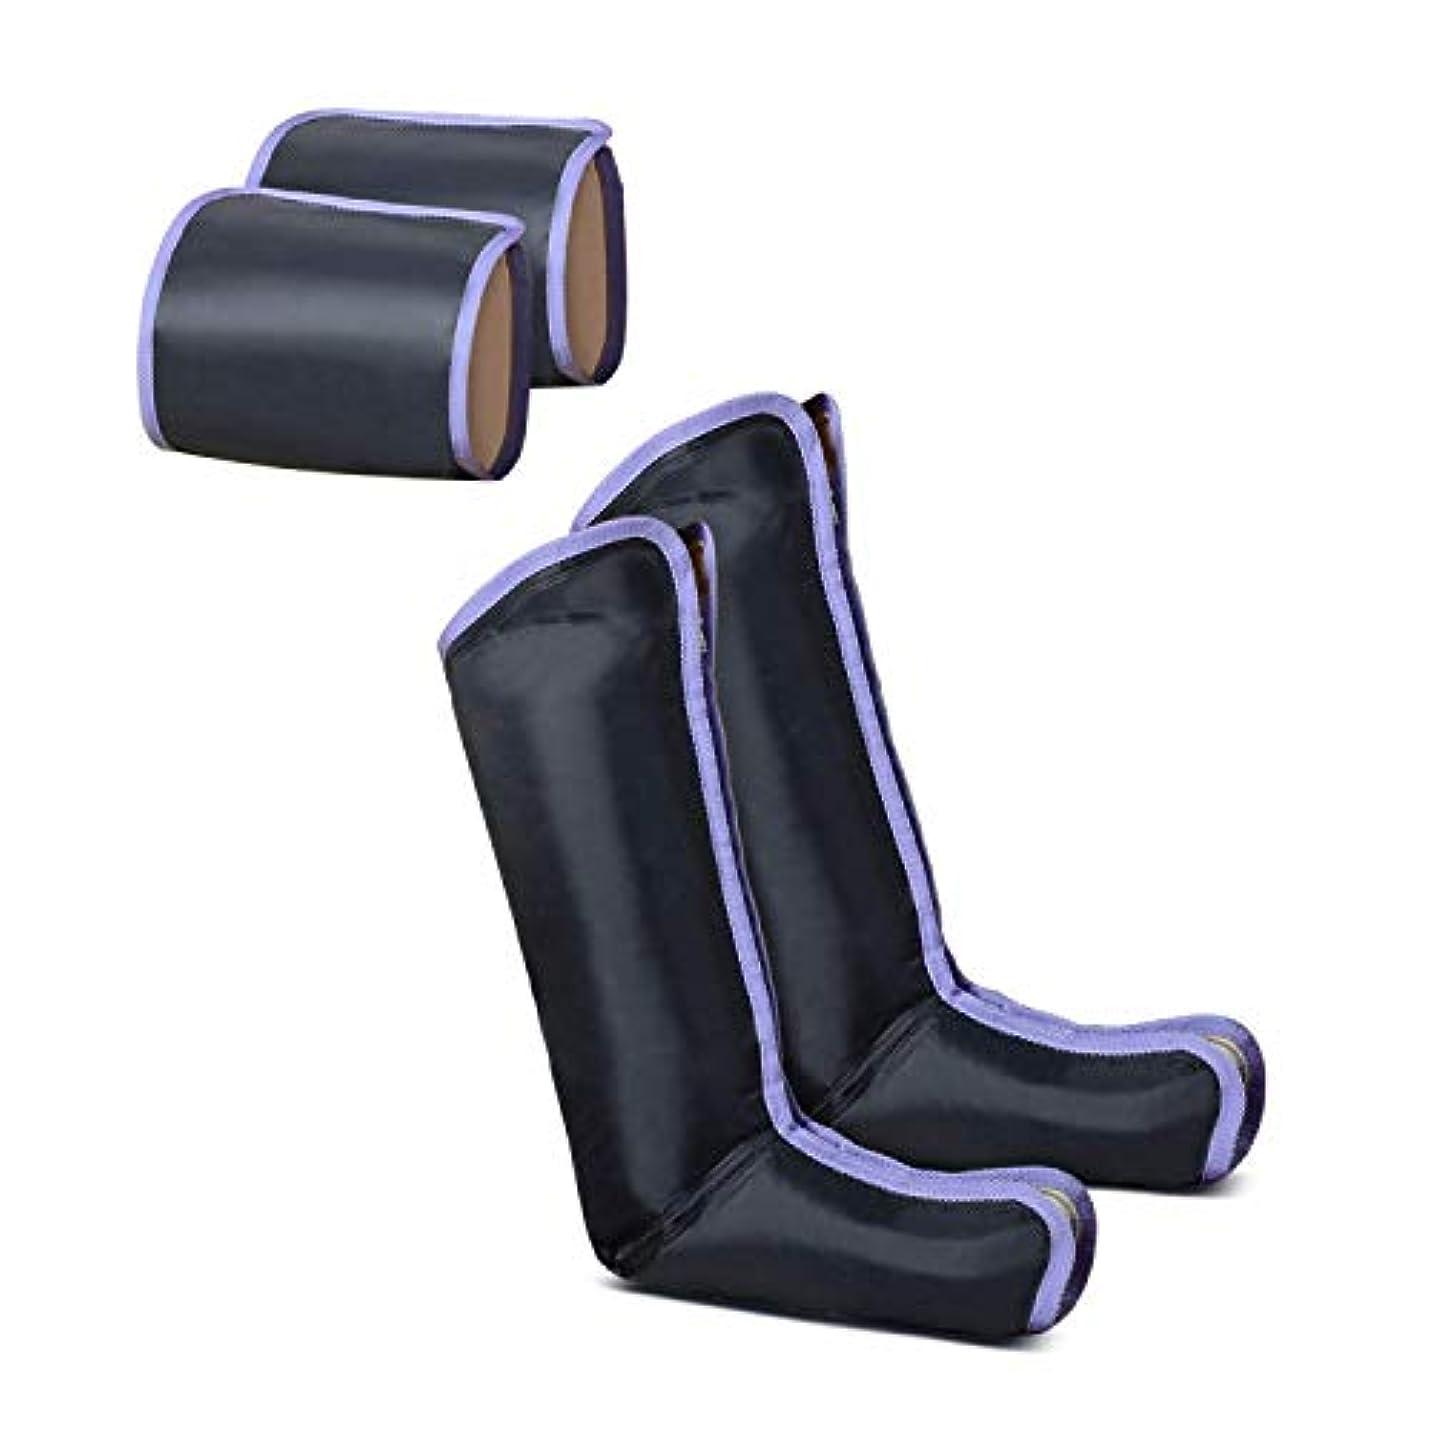 剥離まもなくピースSOLIN エアーマッサージャー 電気マッサージ機 ひざ 太もも対応 血行の促進